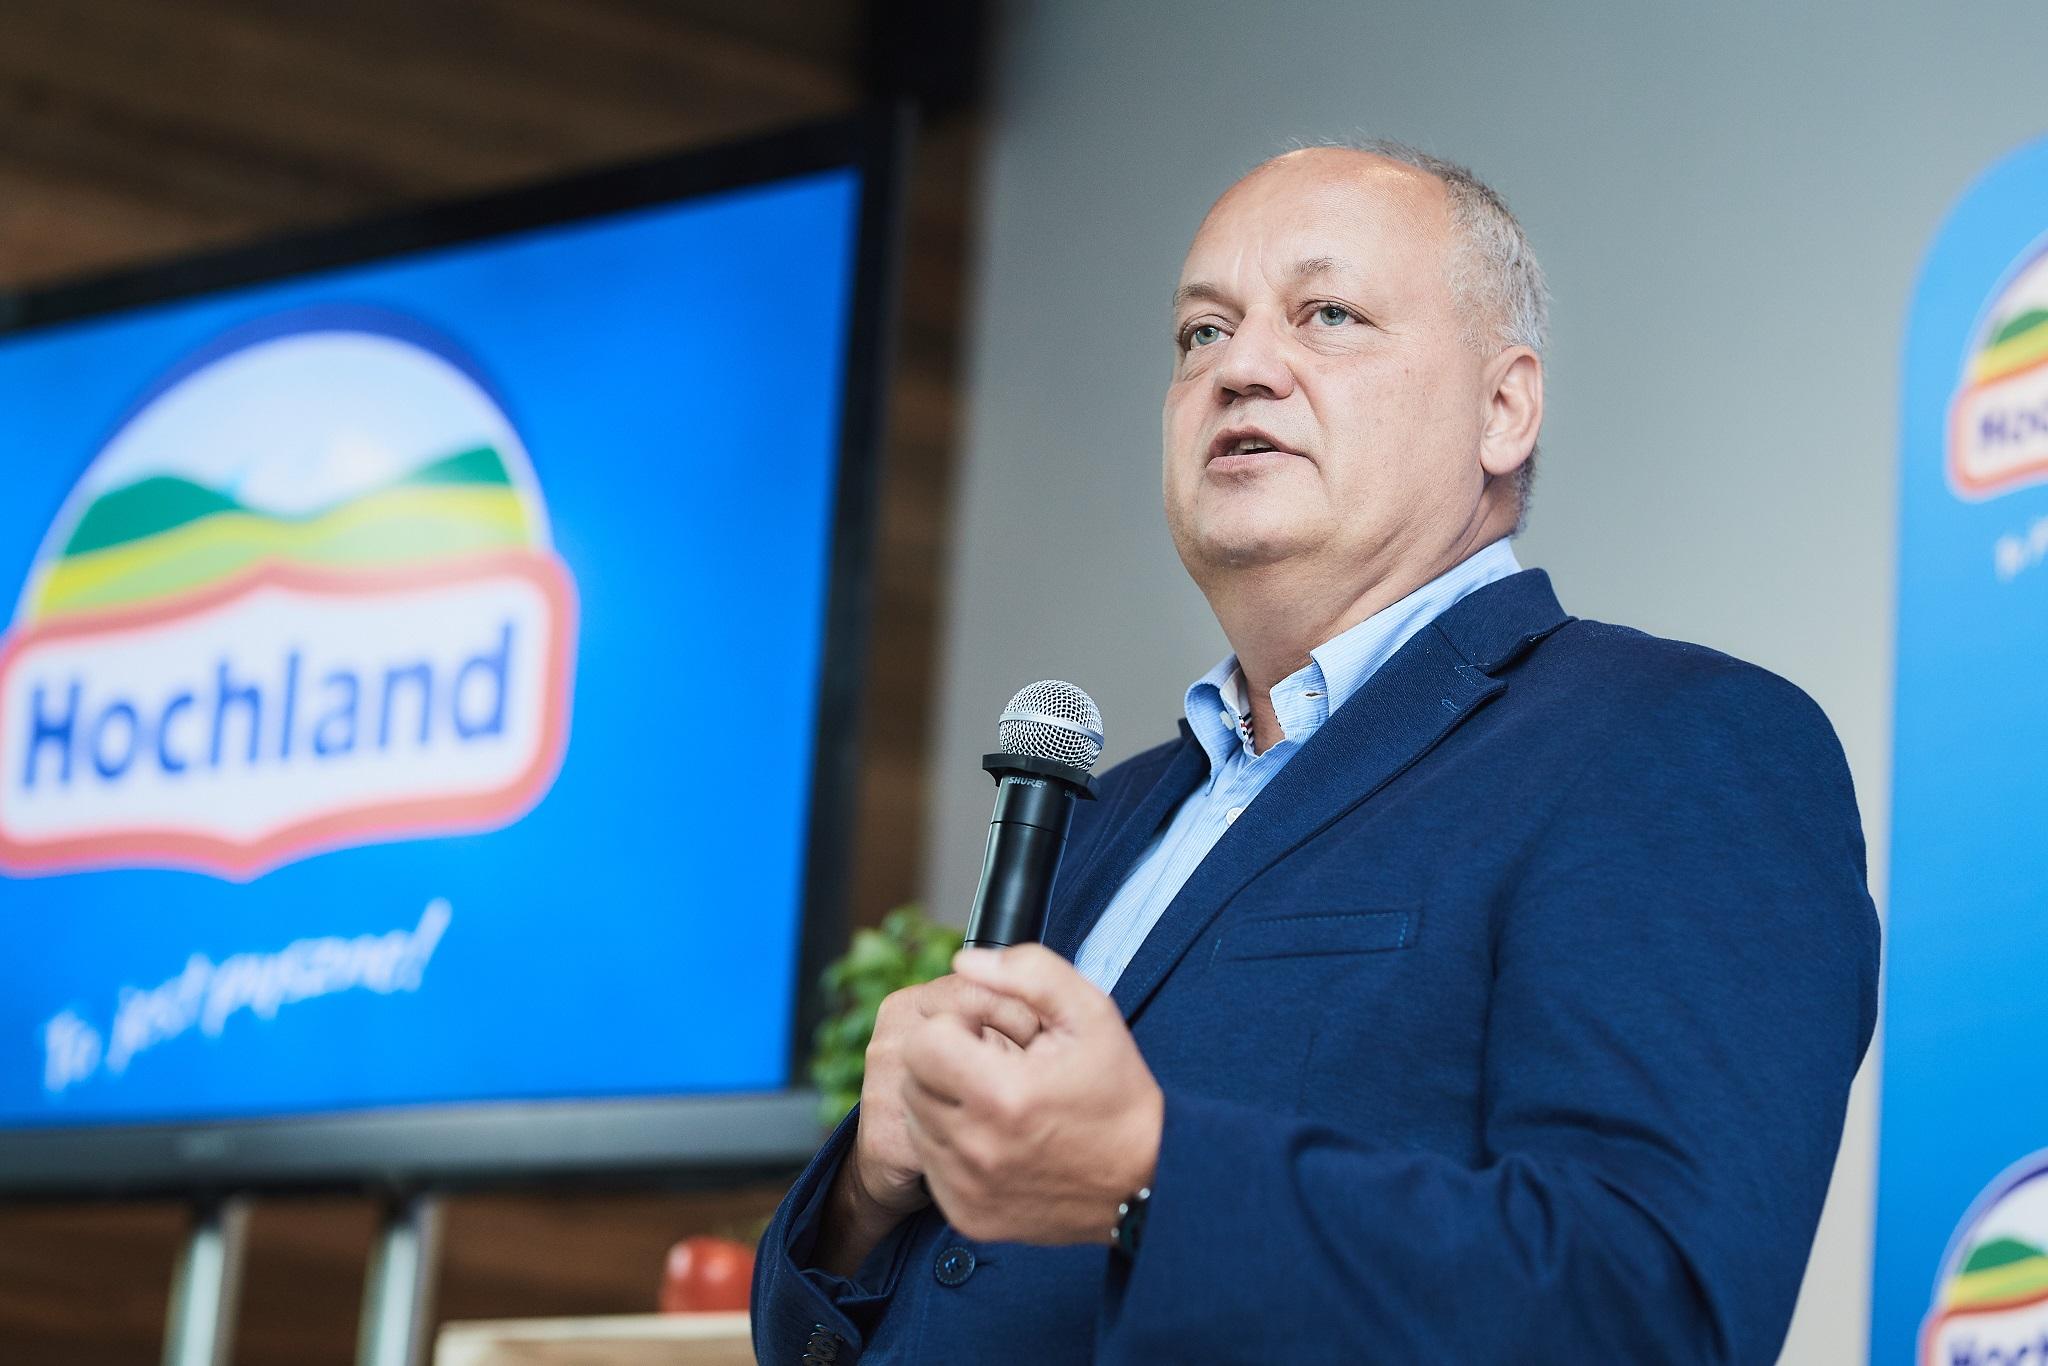 Hochland zwycięzcą Rankingu Spółdzielni Mleczarskich w kategorii  Społeczna Odpowiedzialność Biznesu